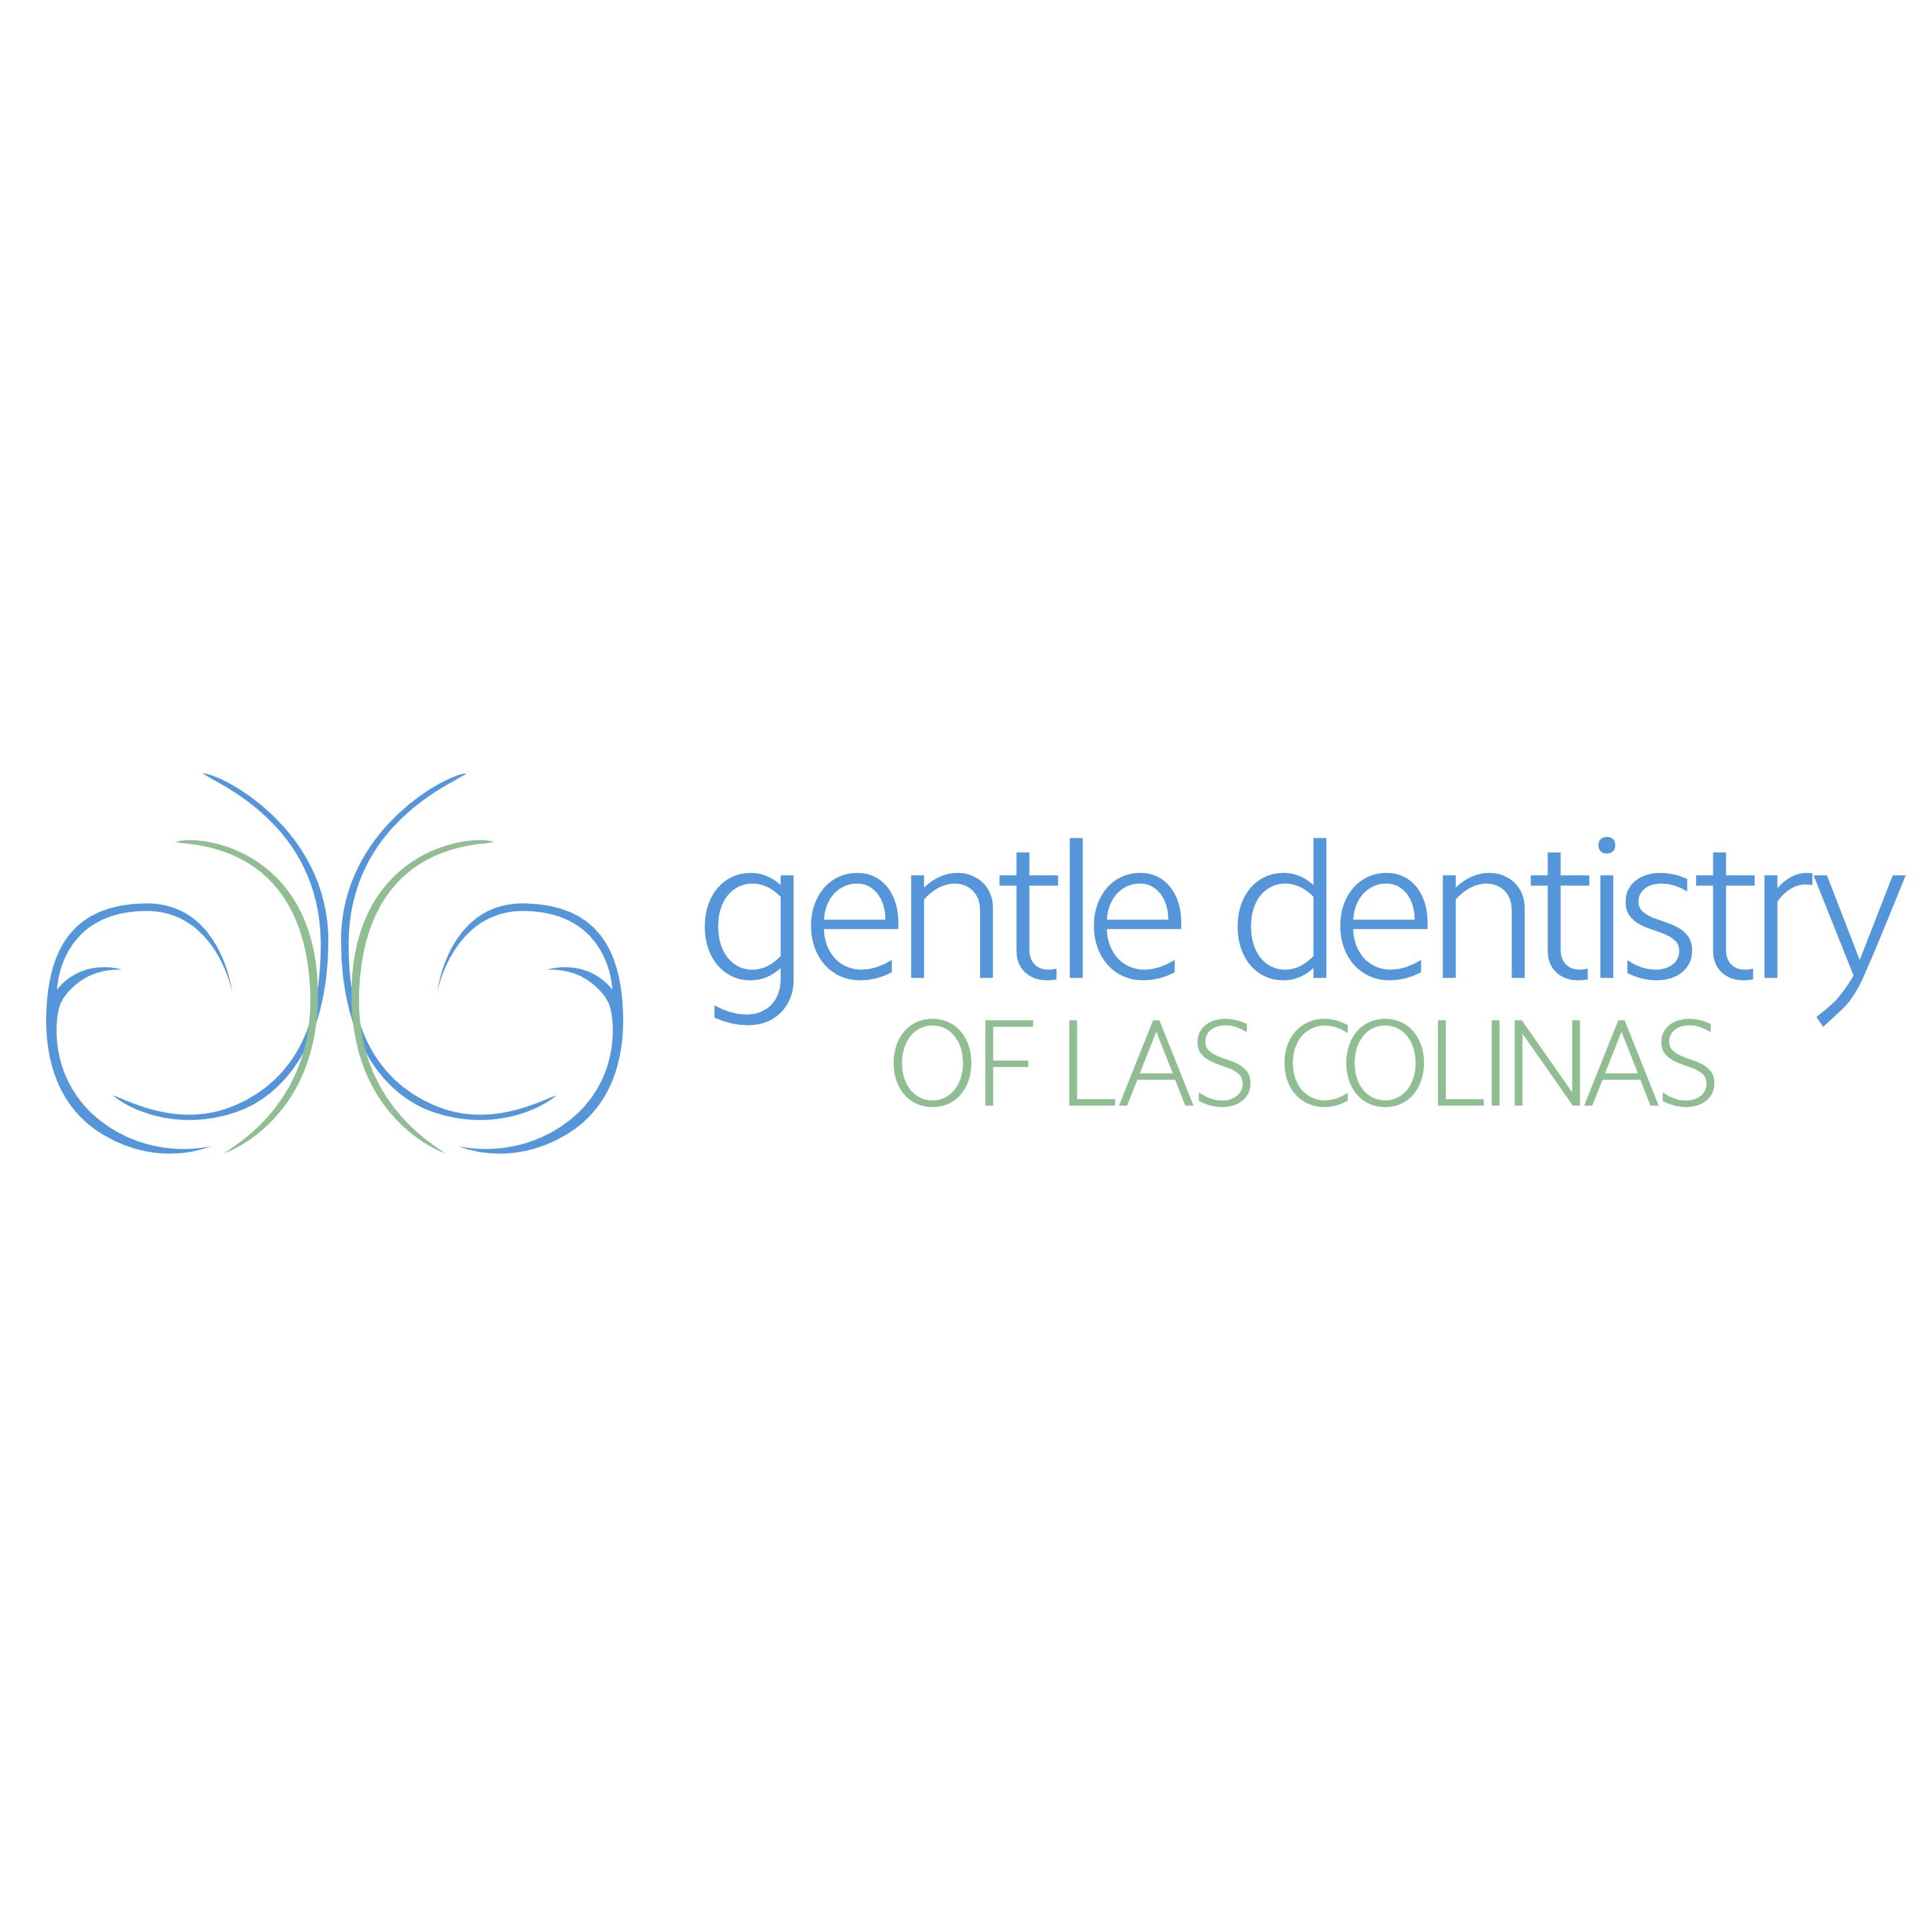 Gentle Dentistry Of Las Colinas image 4